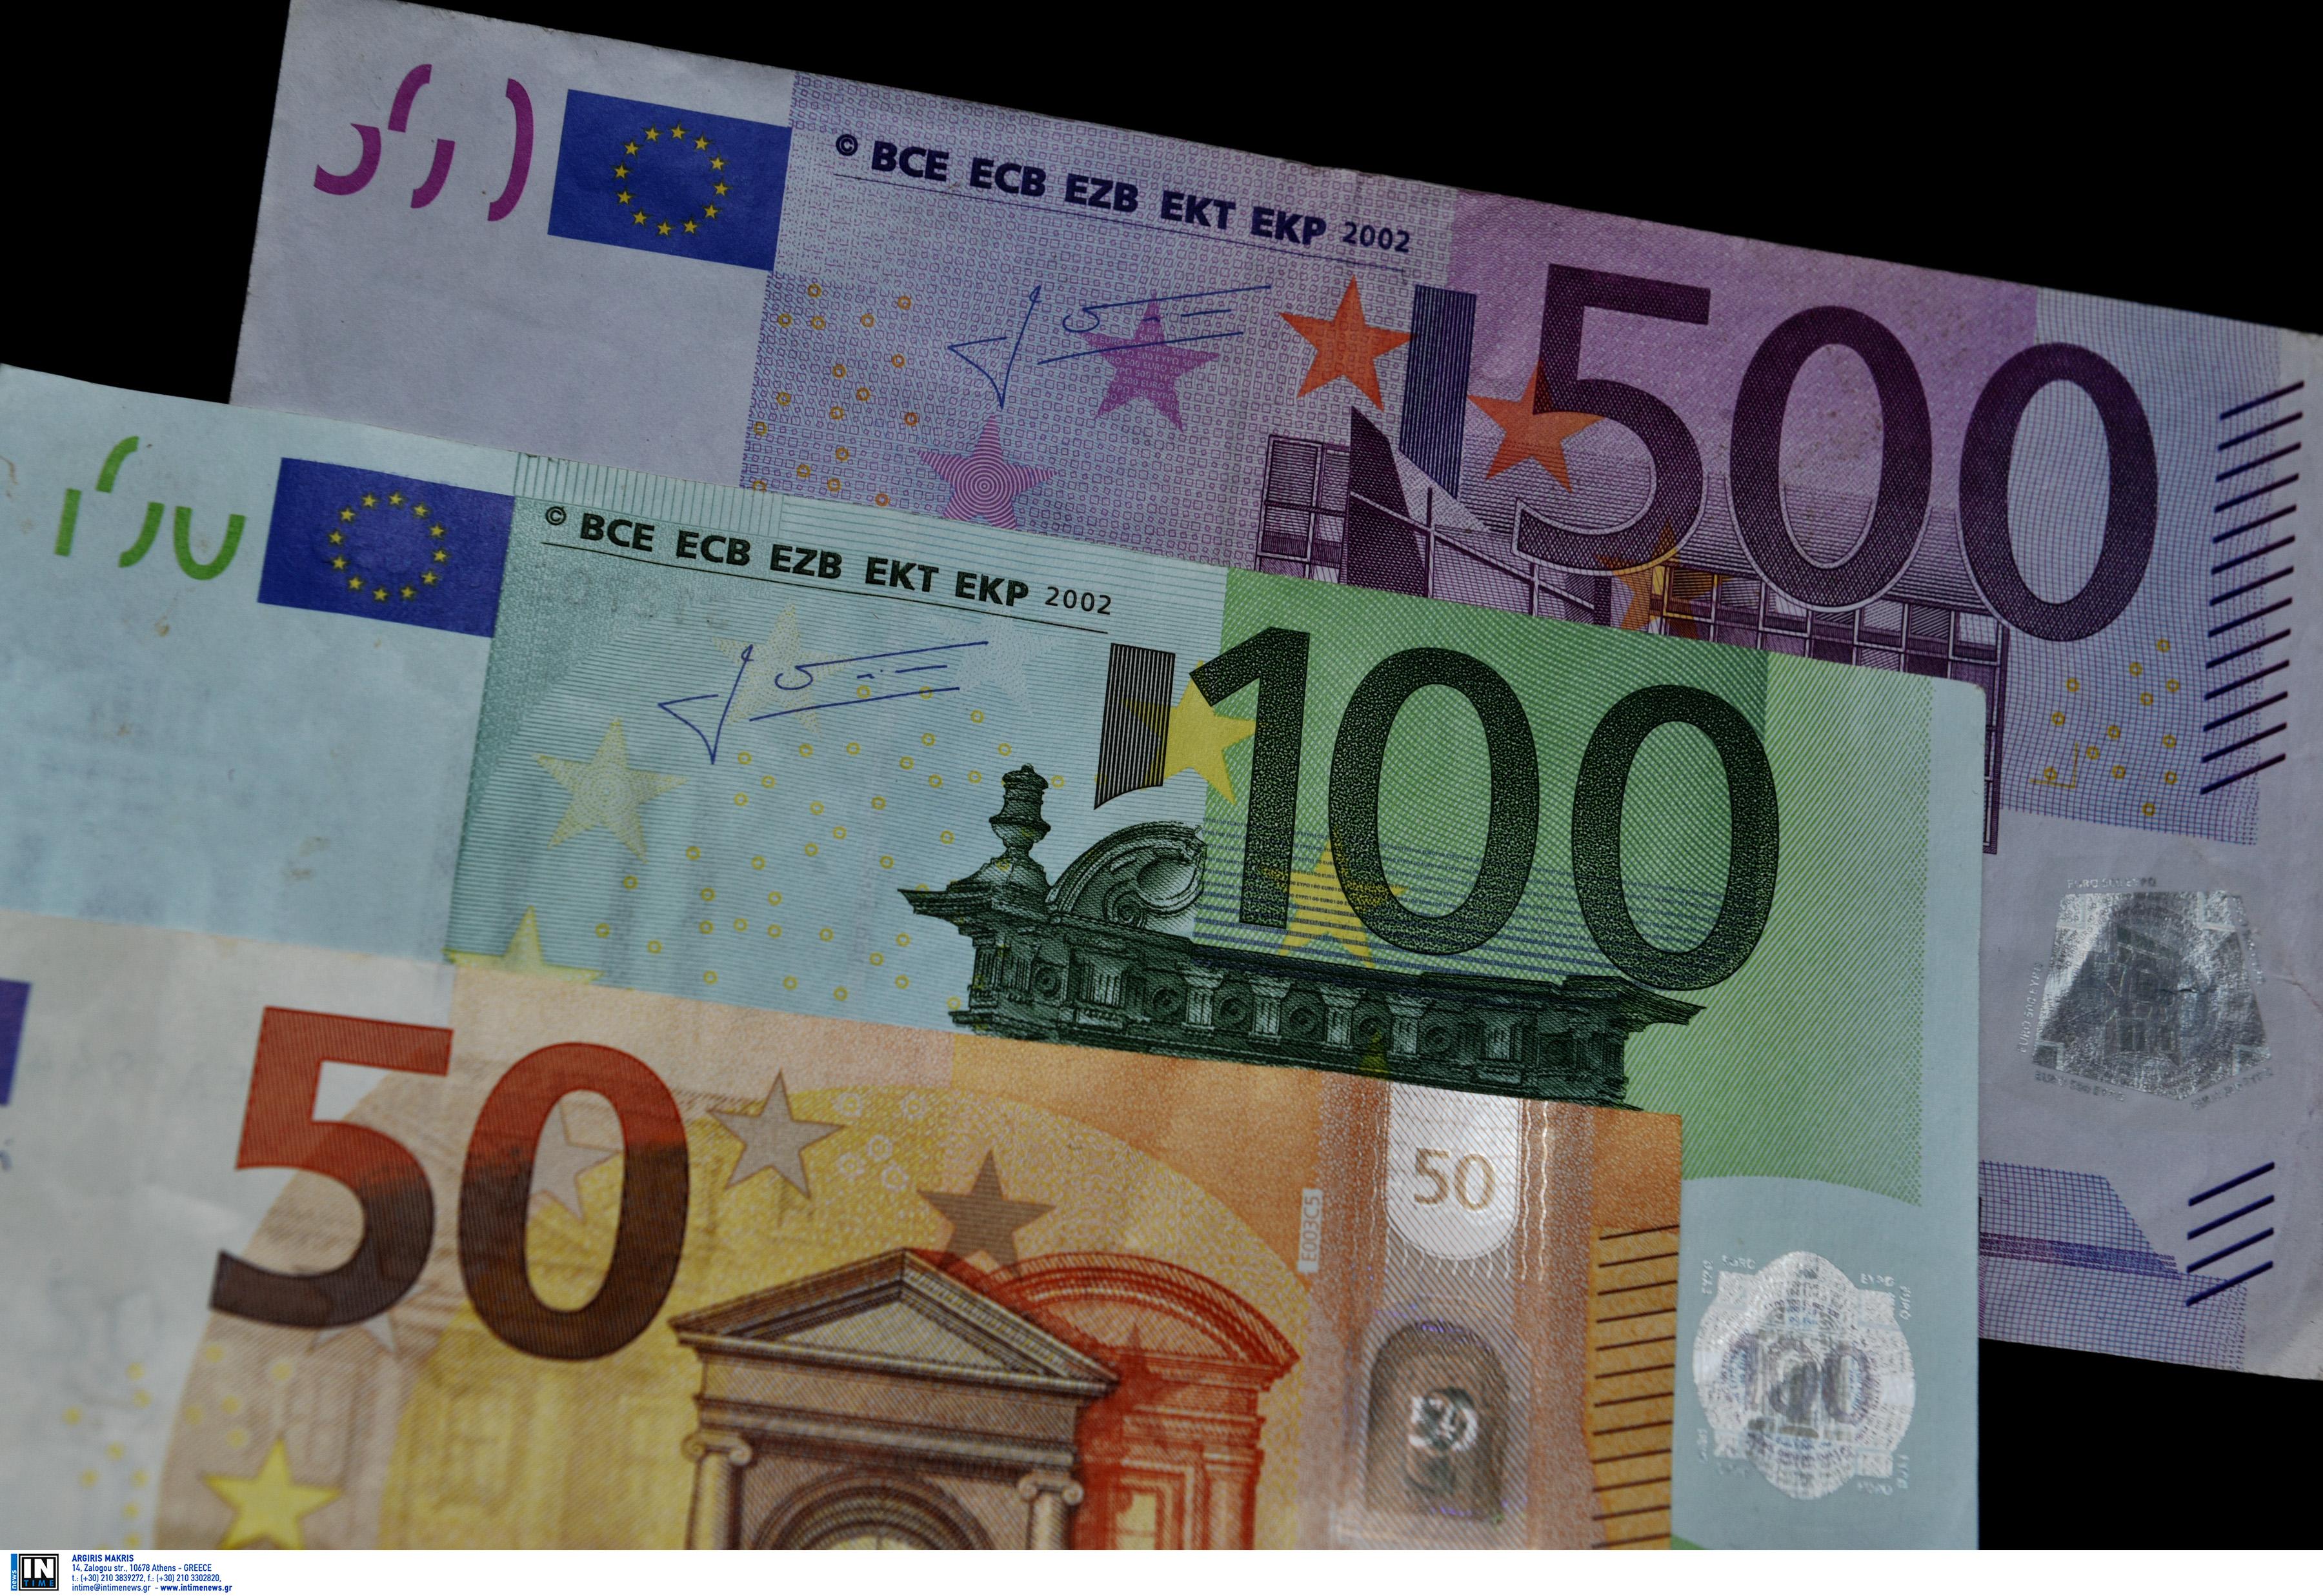 Επίδομα 800 ευρώ: Αγγίζουν τις 80.400 οι αιτήσεις στην ηλεκτρονική πλατφόρμα